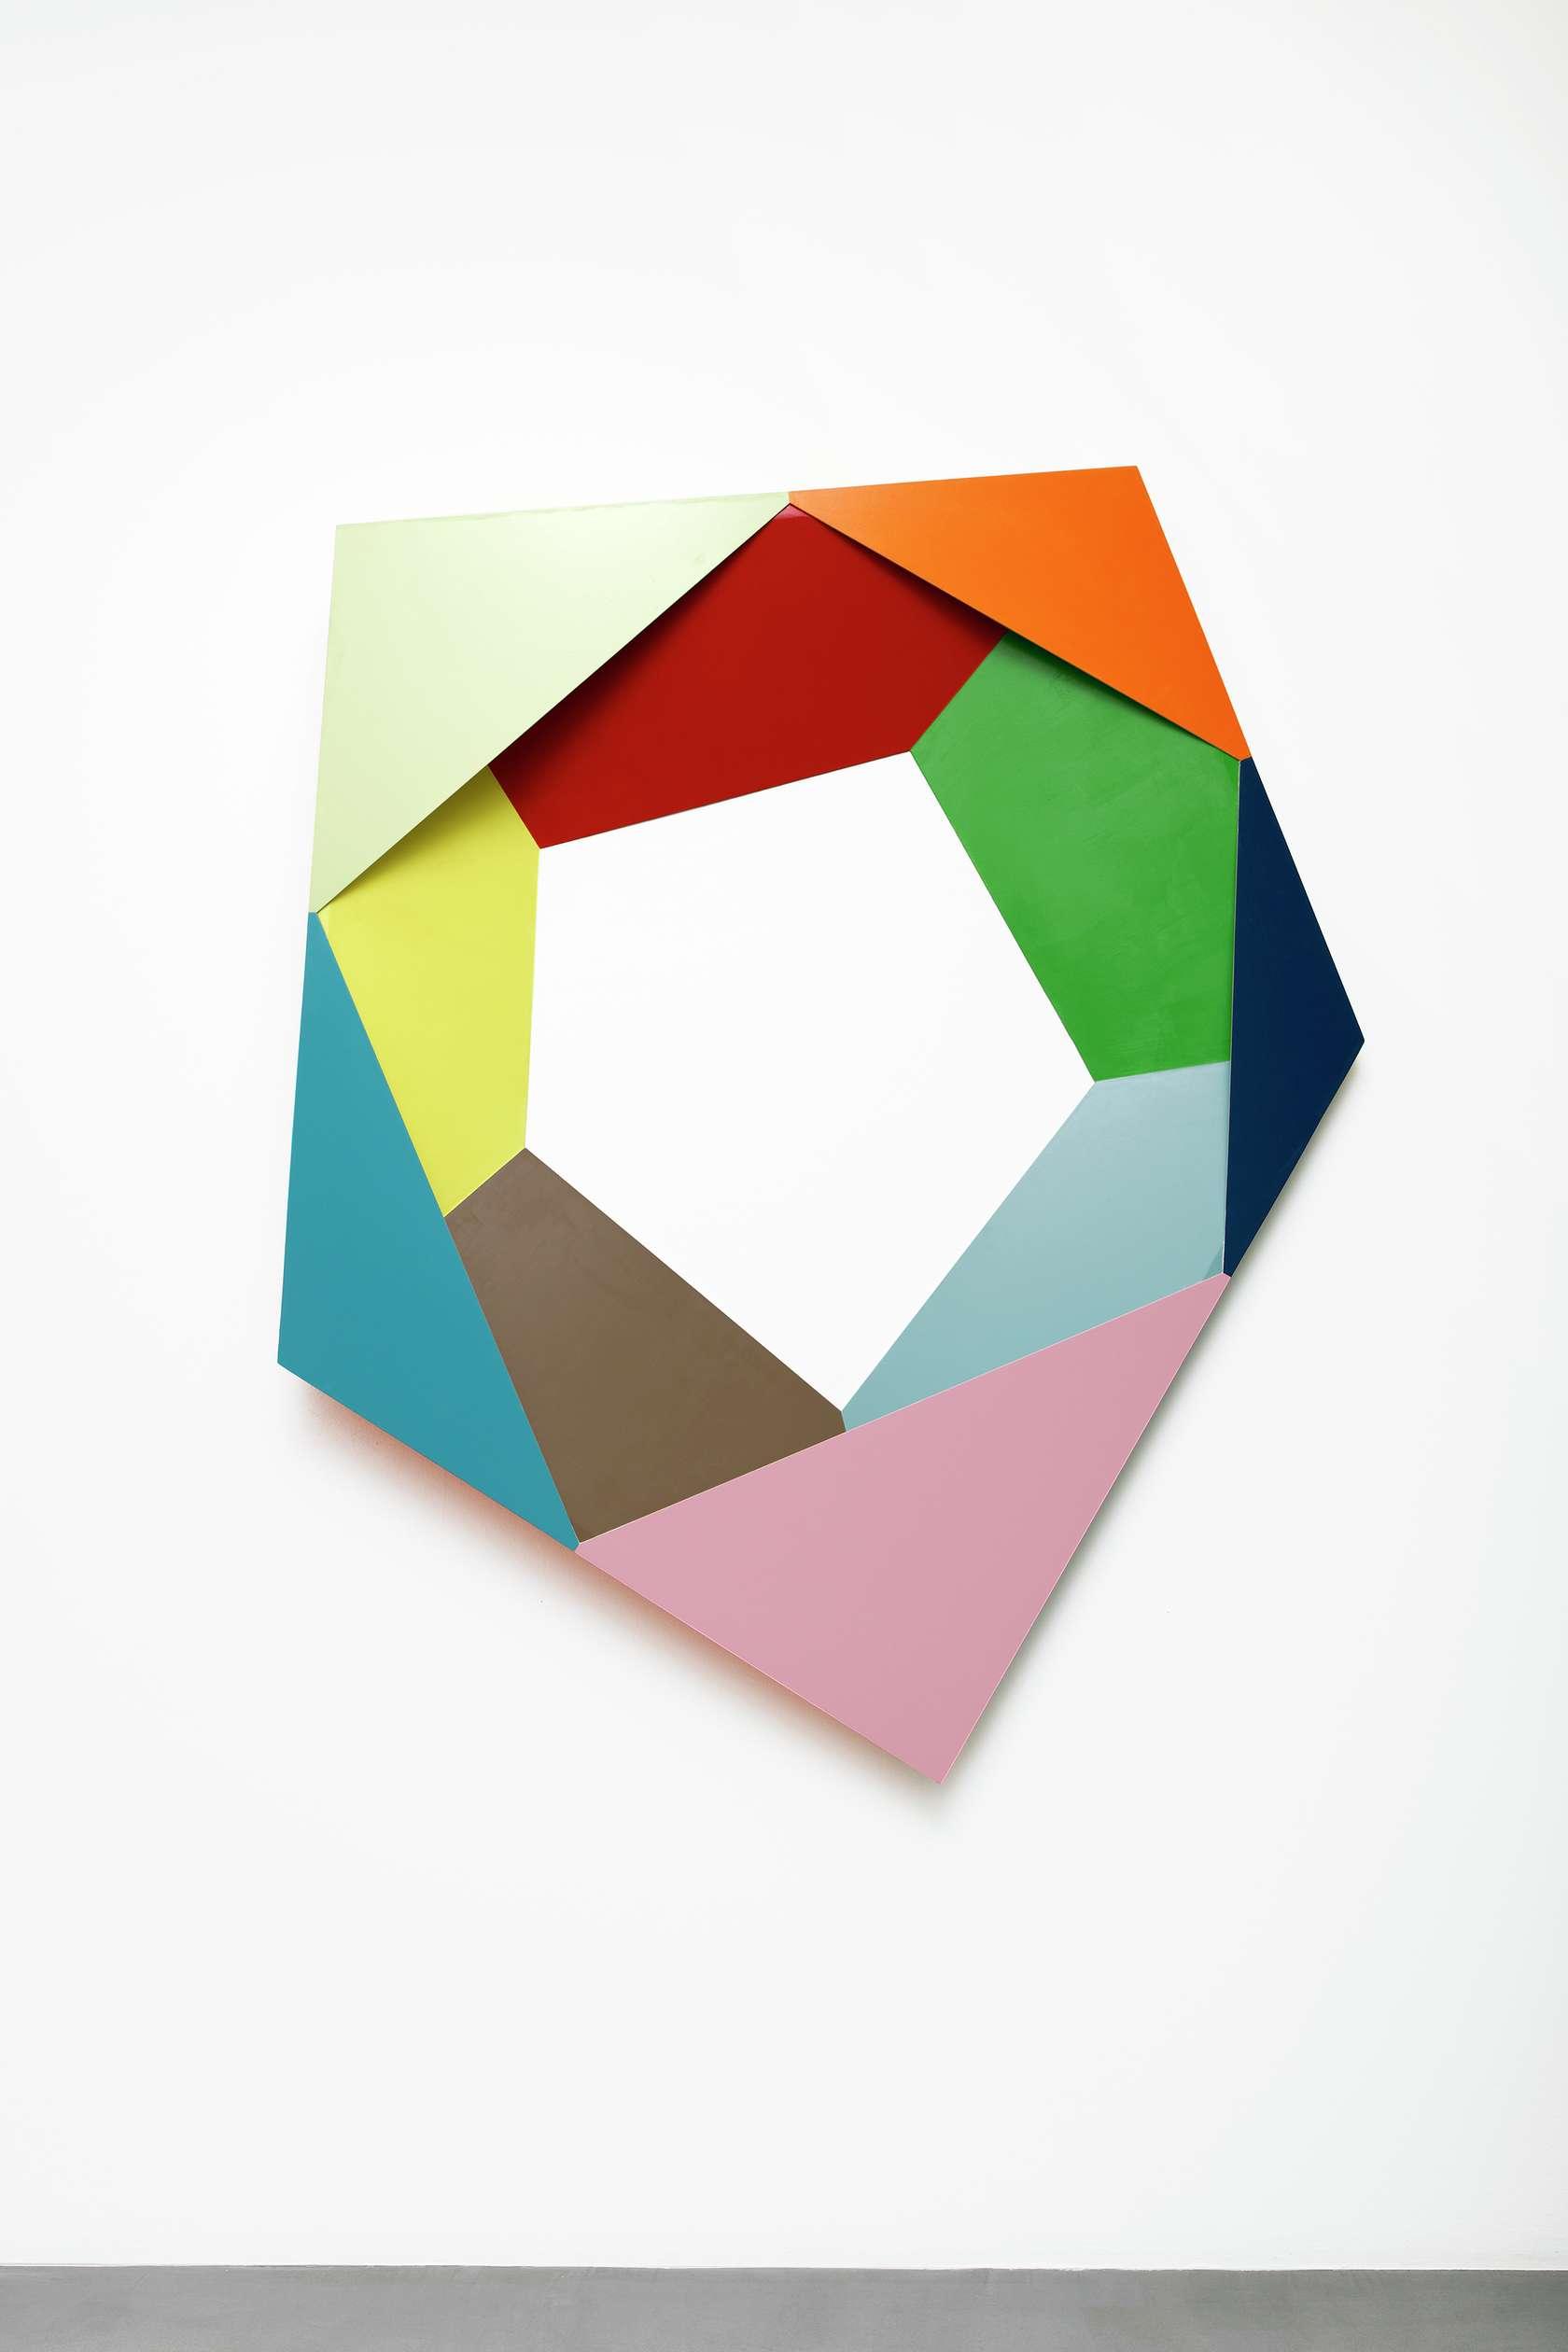 Beat Zoderer, Penta 03, 2018 Acrylique sur contreplaqué160 x 128 x 12.5 cm / 63  x 50 3/8 x 4 7/8 inches